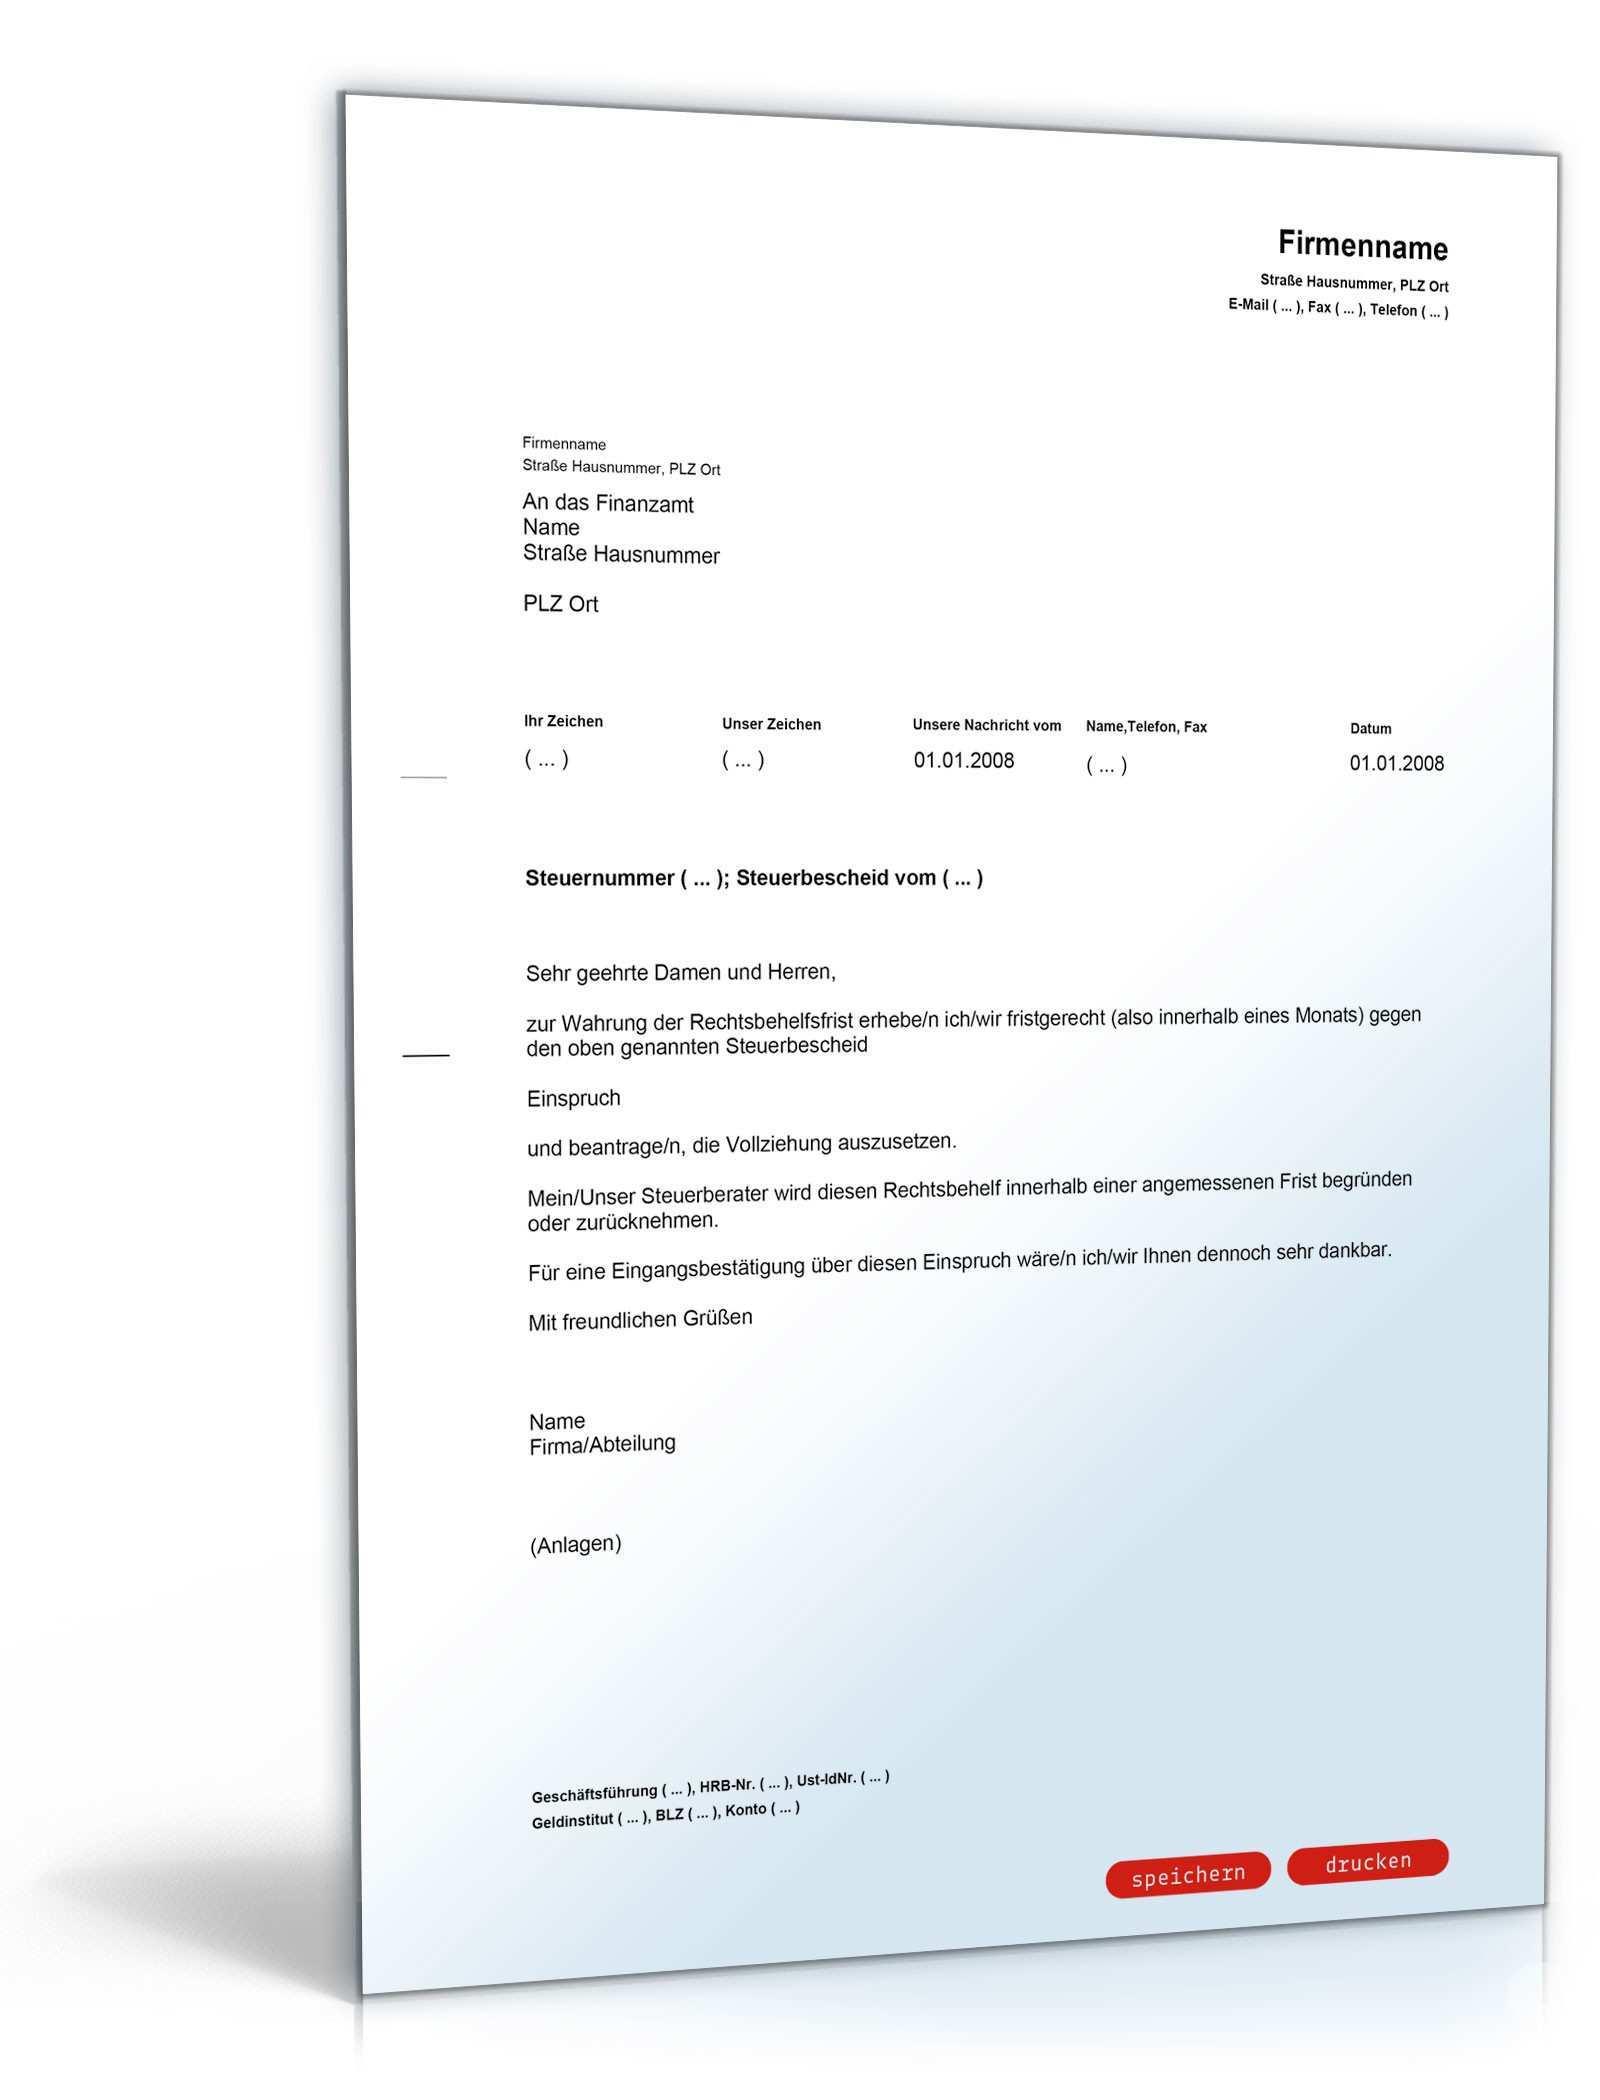 Fristwahrender Einspruch Gegen Steuerbescheid Klarung Durch Steuerberater Muster Vorlage Zum Download